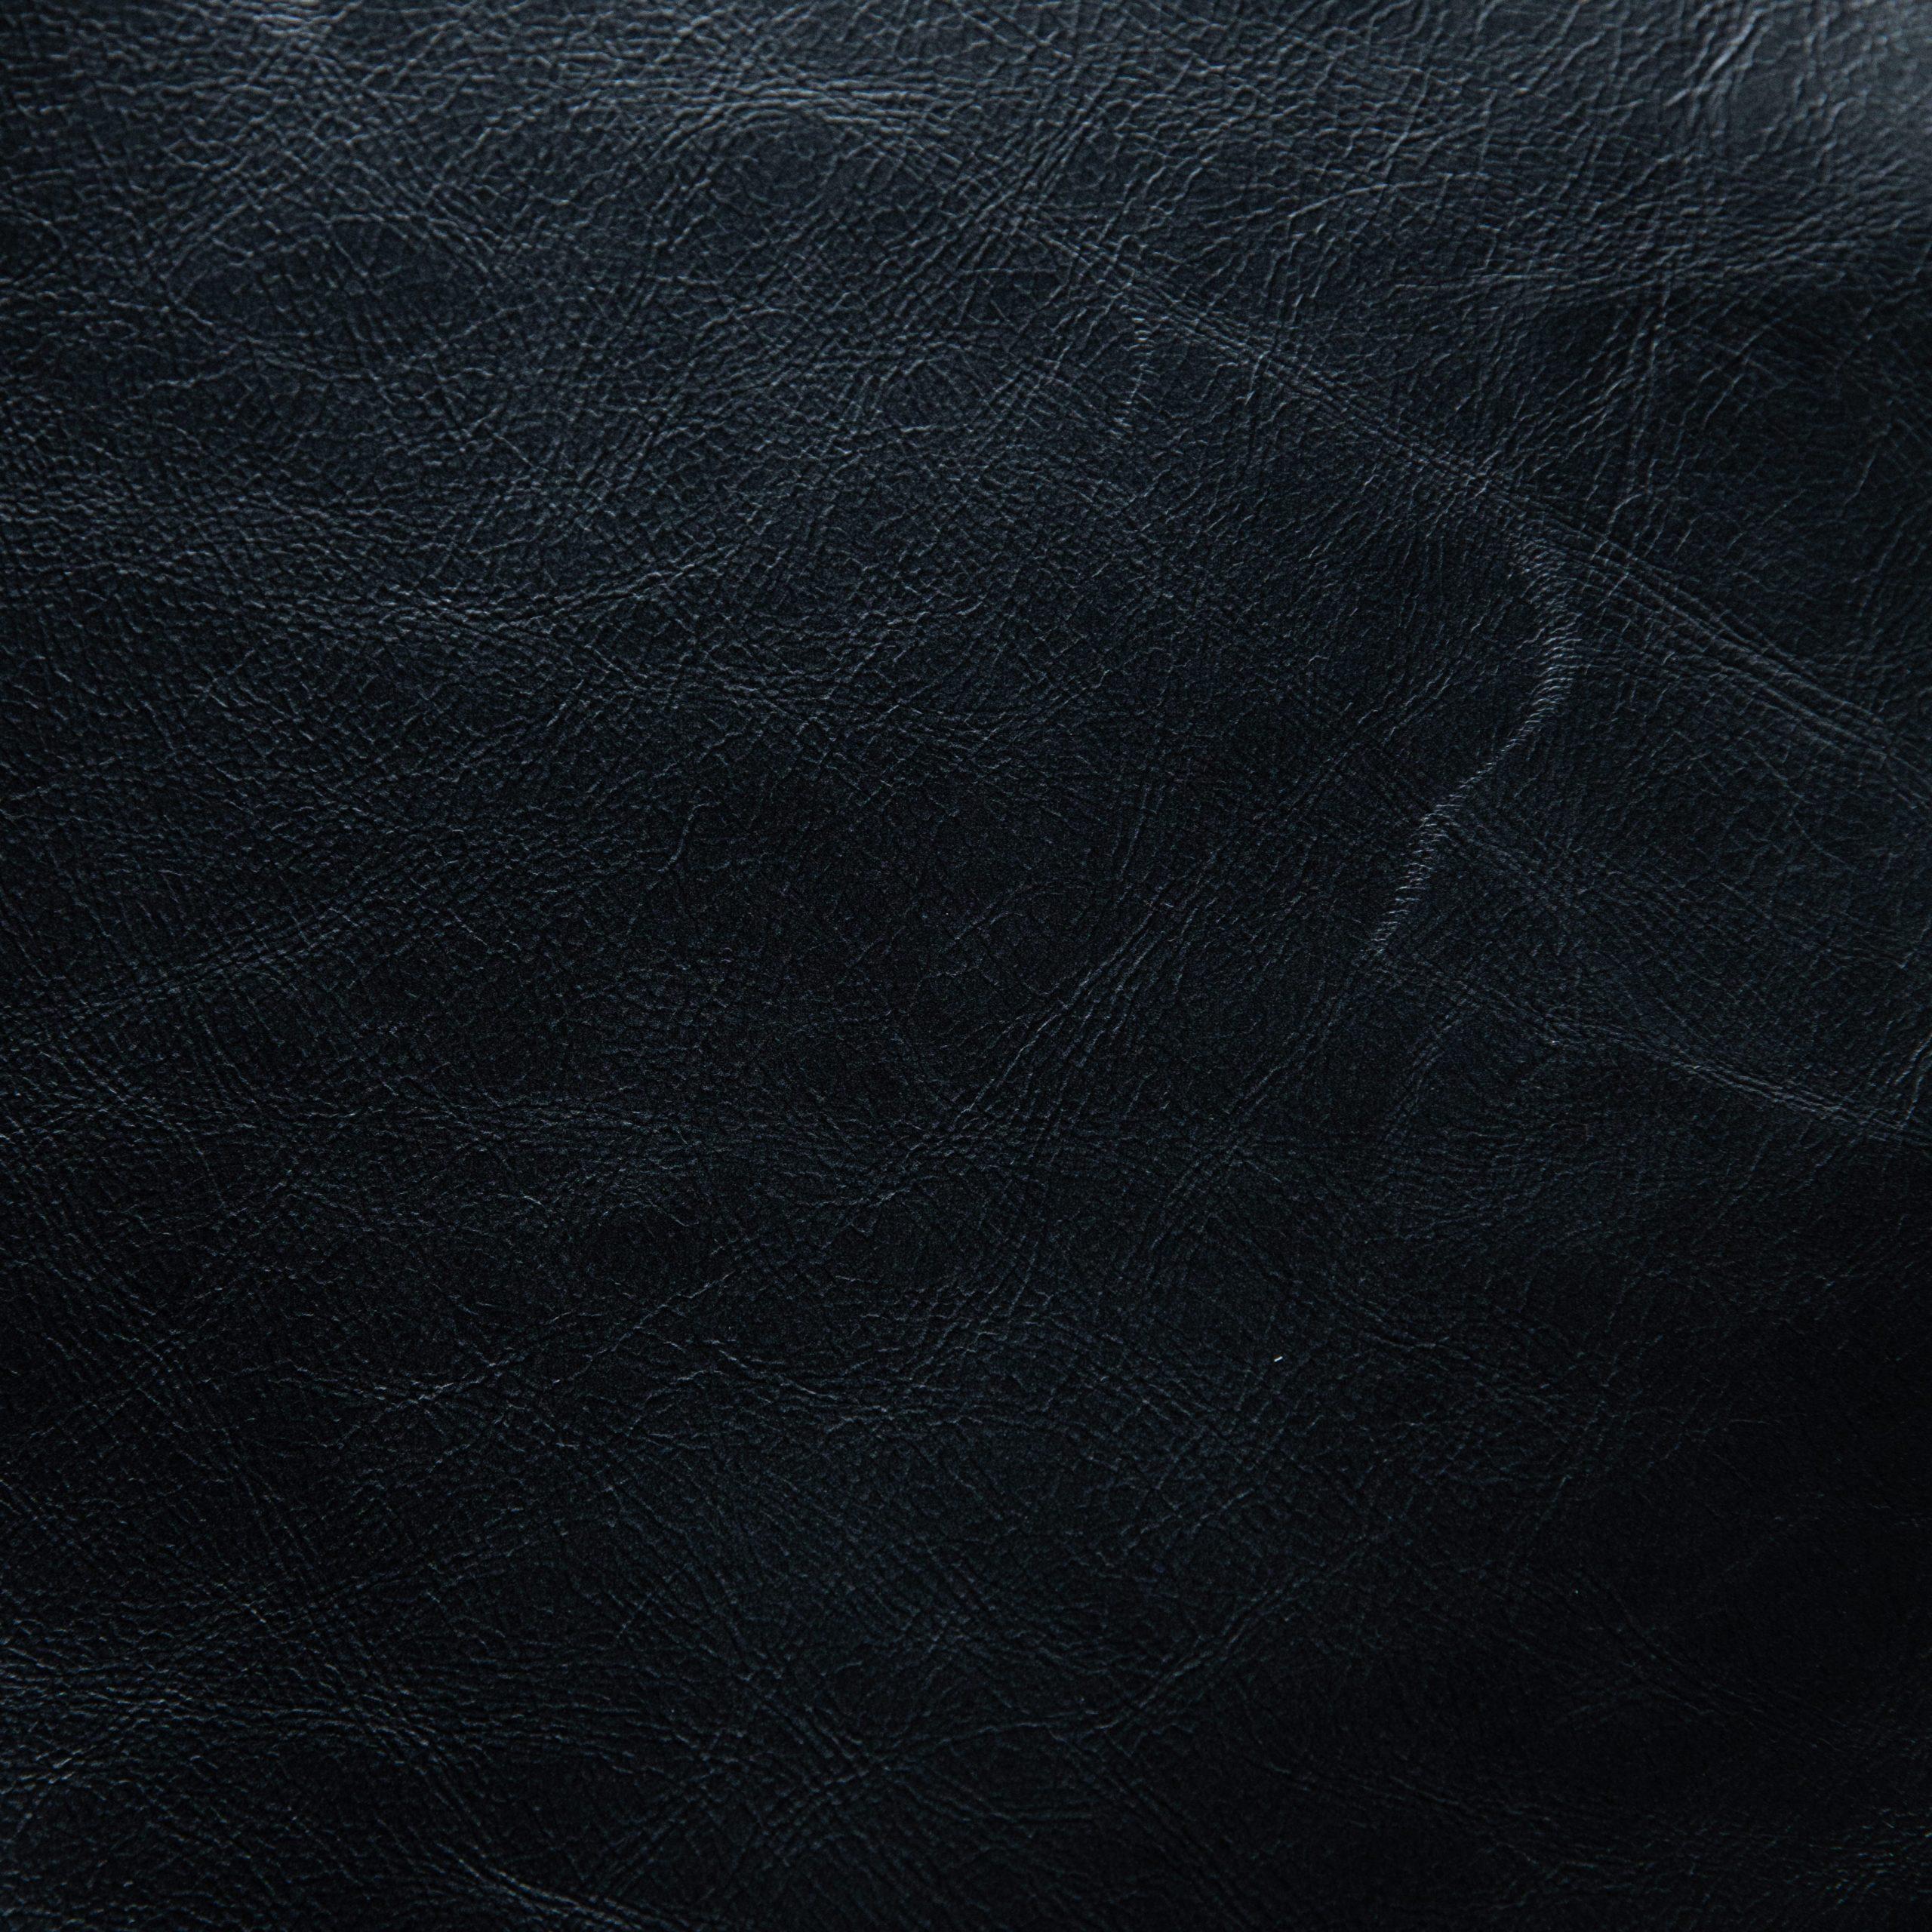 CAPTOEN IV_BLACK